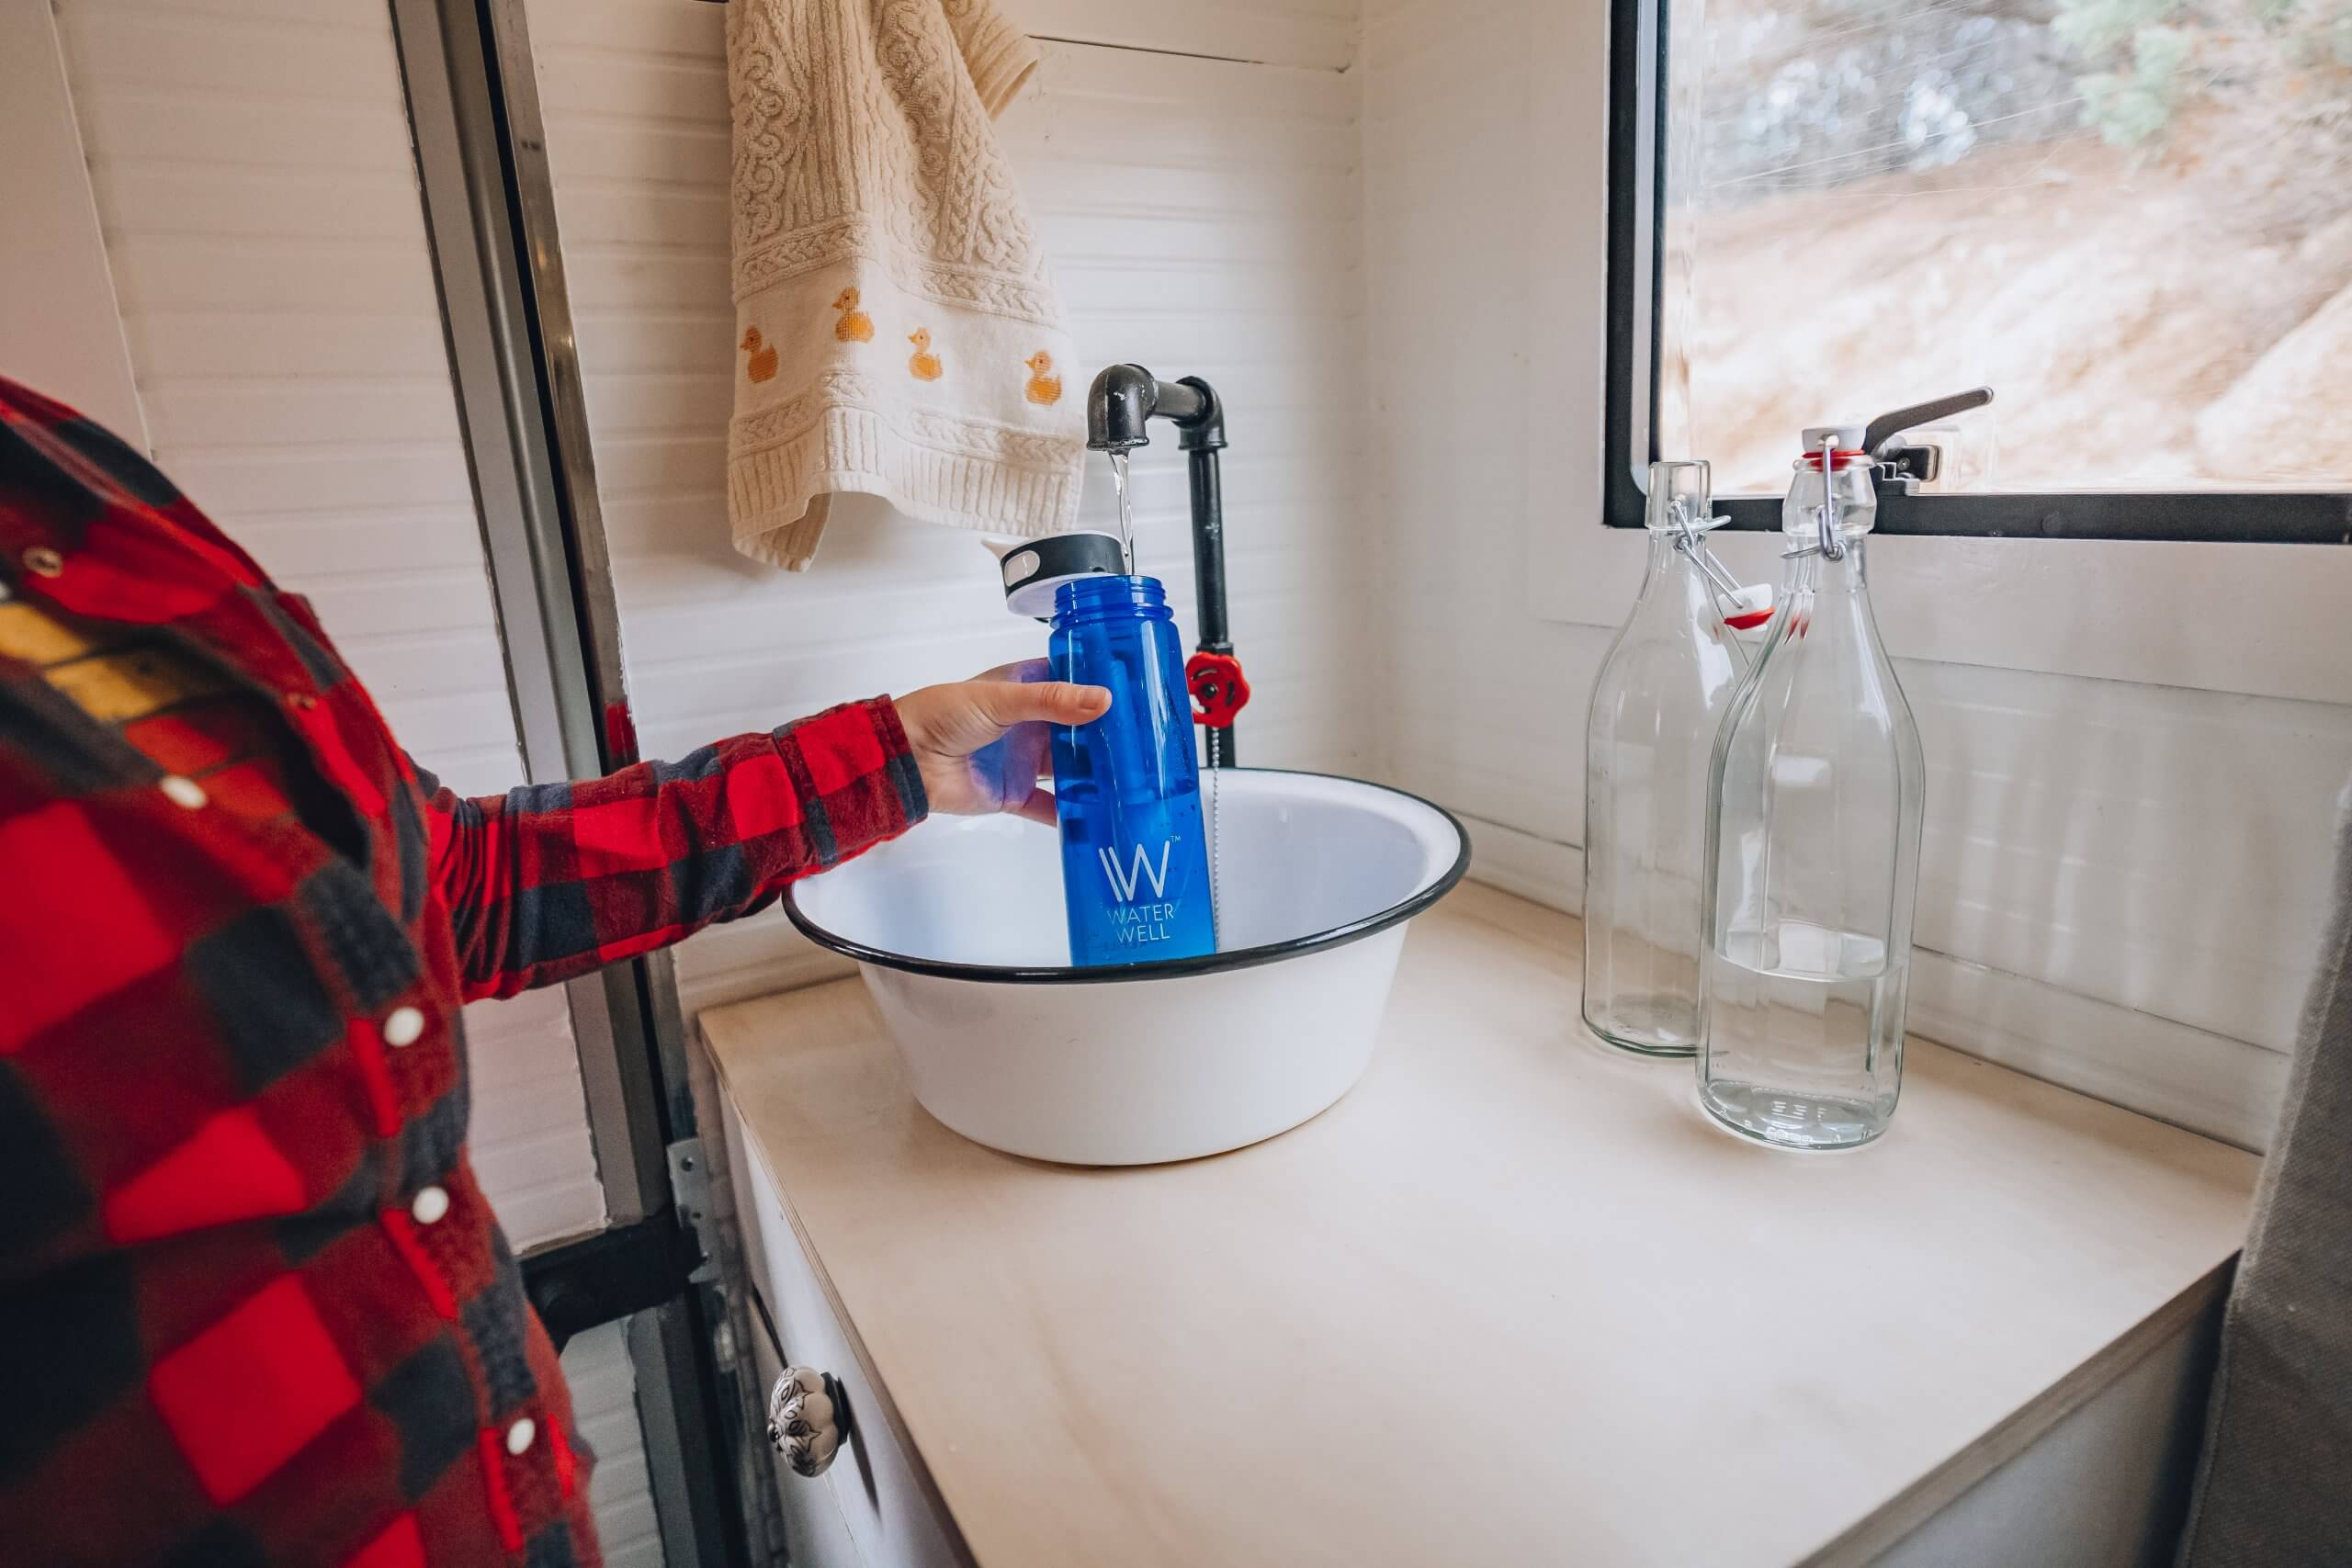 Wir filtern das Wasser vor dem Trinken durch einen Kohlefilter